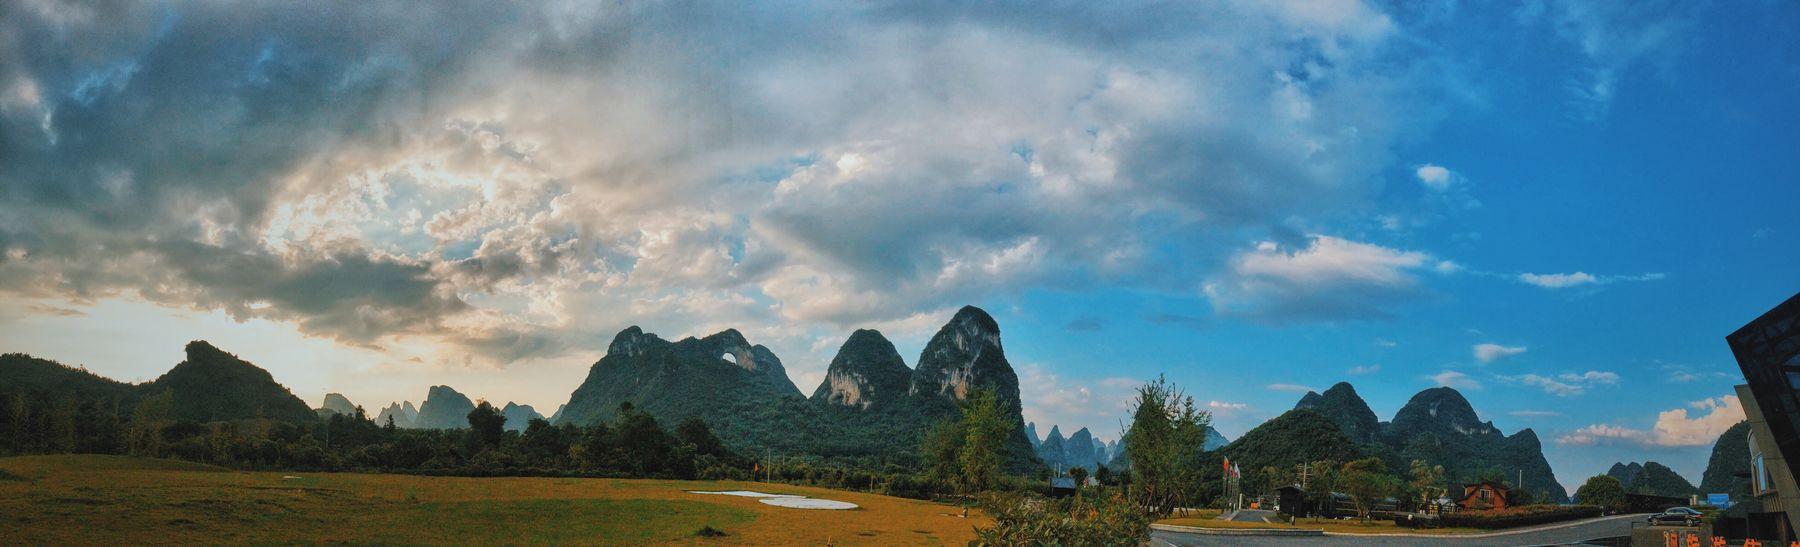 Moon Hill Yang Shuo